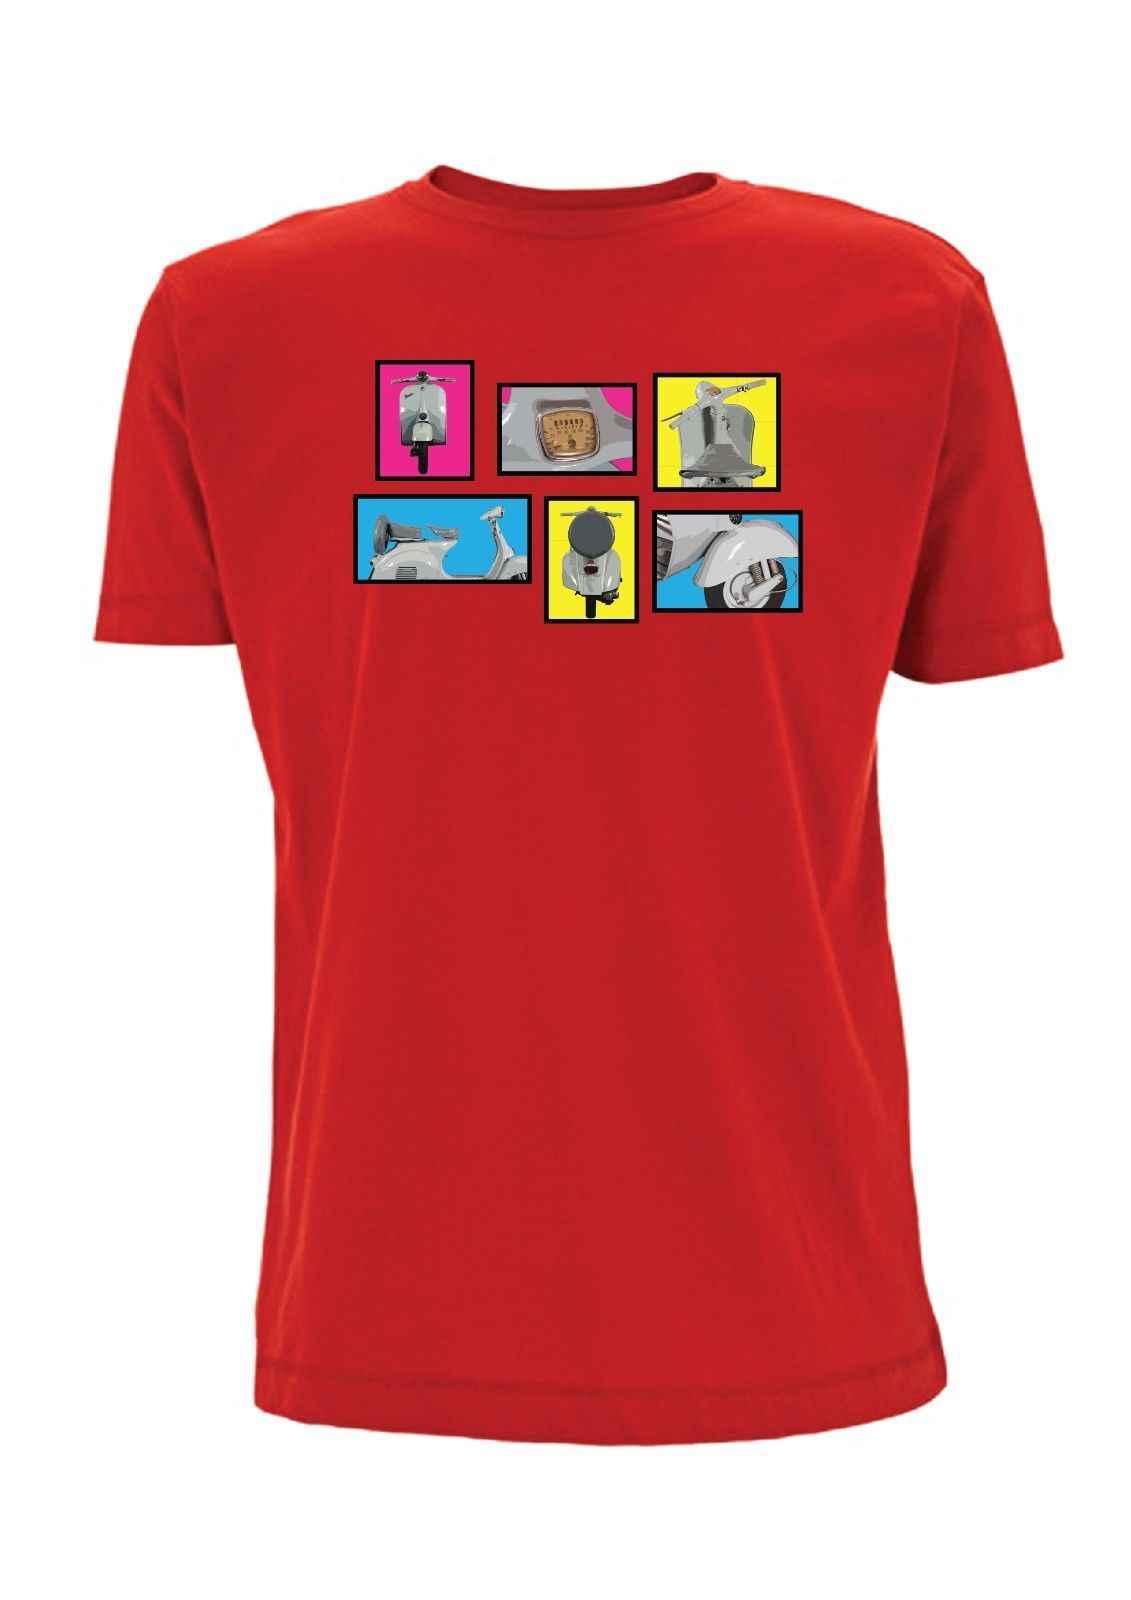 Scooter Tshirt 1960s vespa inspired mod ska club vintage biker tshirt 2 stroke hot new fashion free shipping 2018 officia shirts